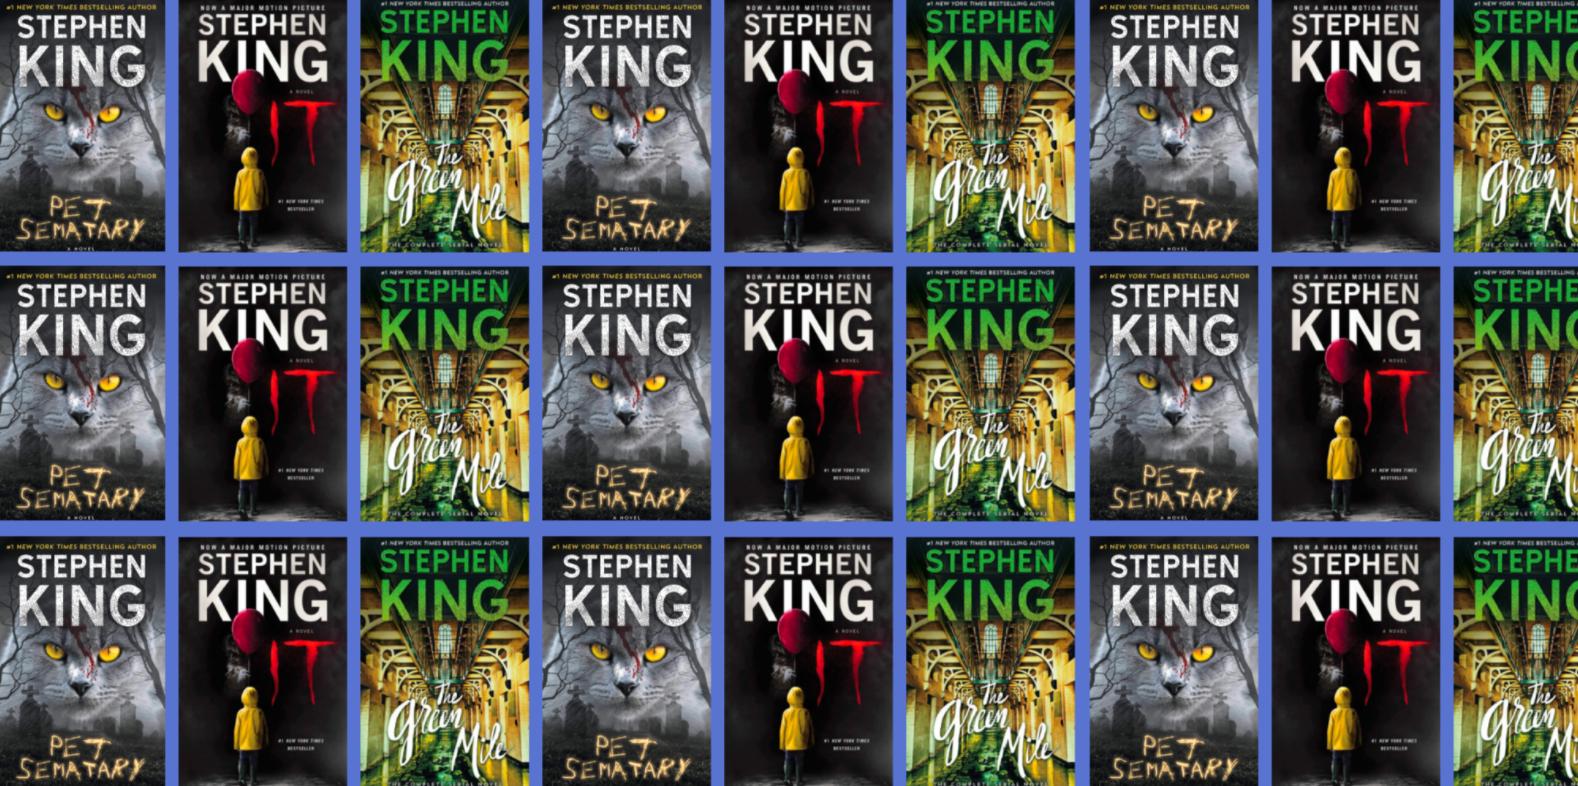 The Best Stephen King Novels 12 Must Read Stephen King Books